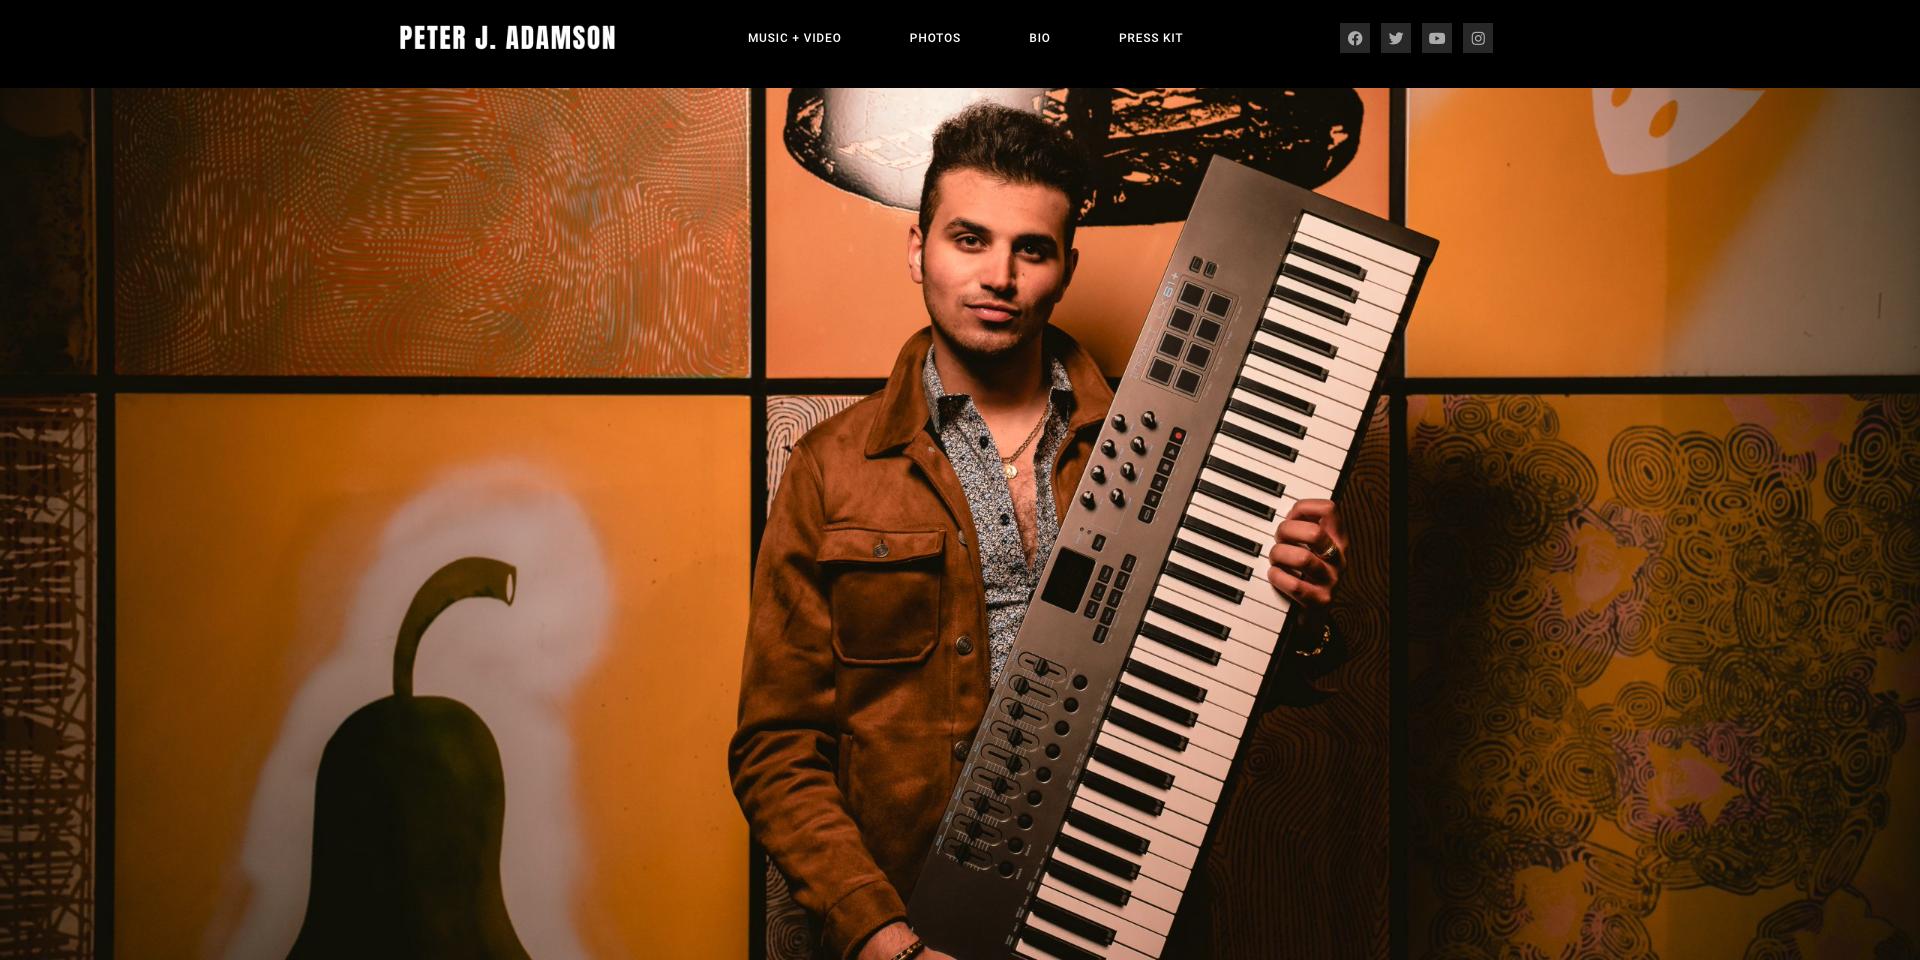 PJA homepage